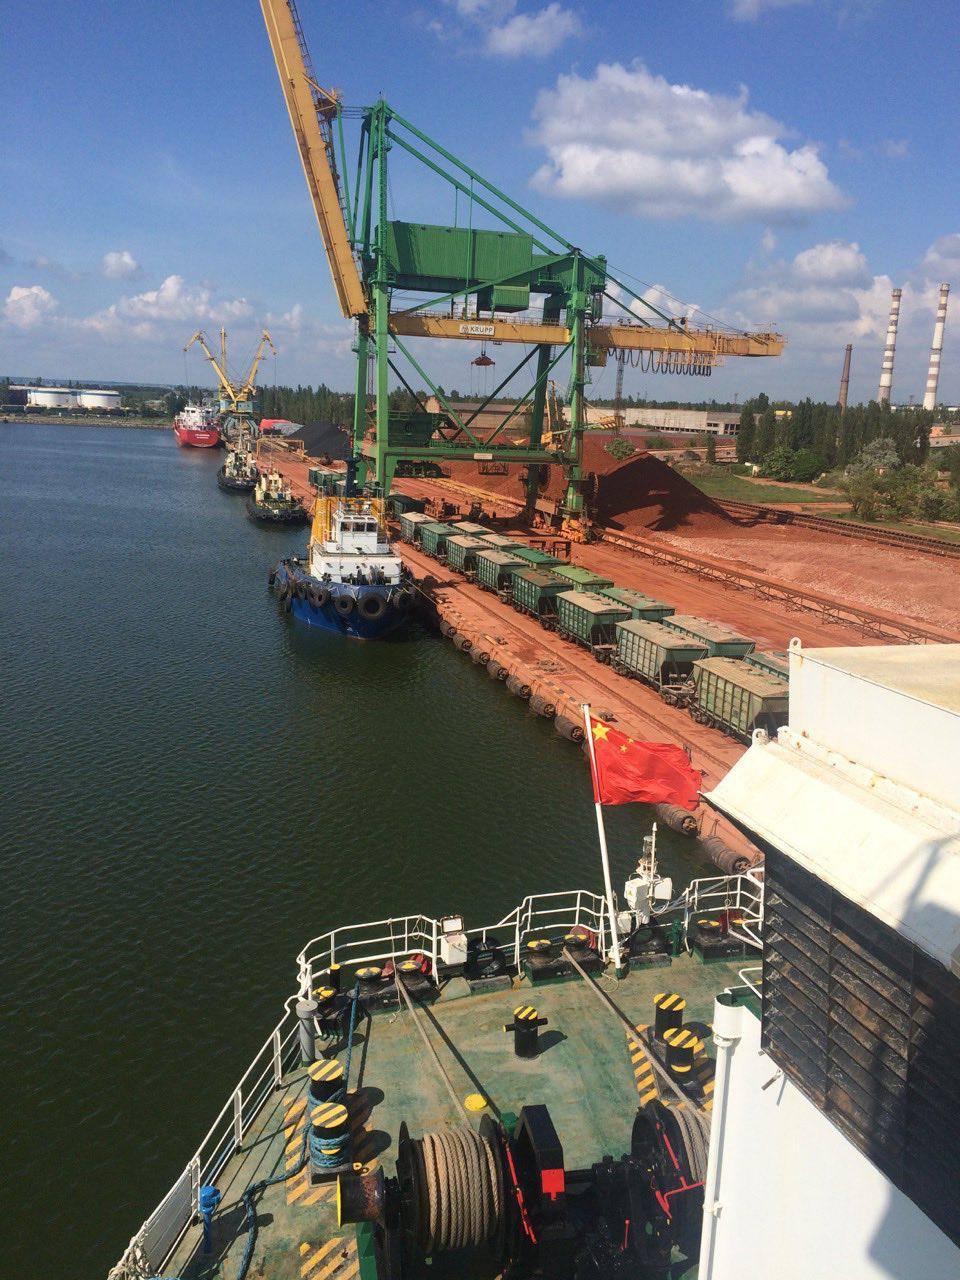 Миколаївські митники впіймали капітана китайського судна на контрабанді валюти - фото 1